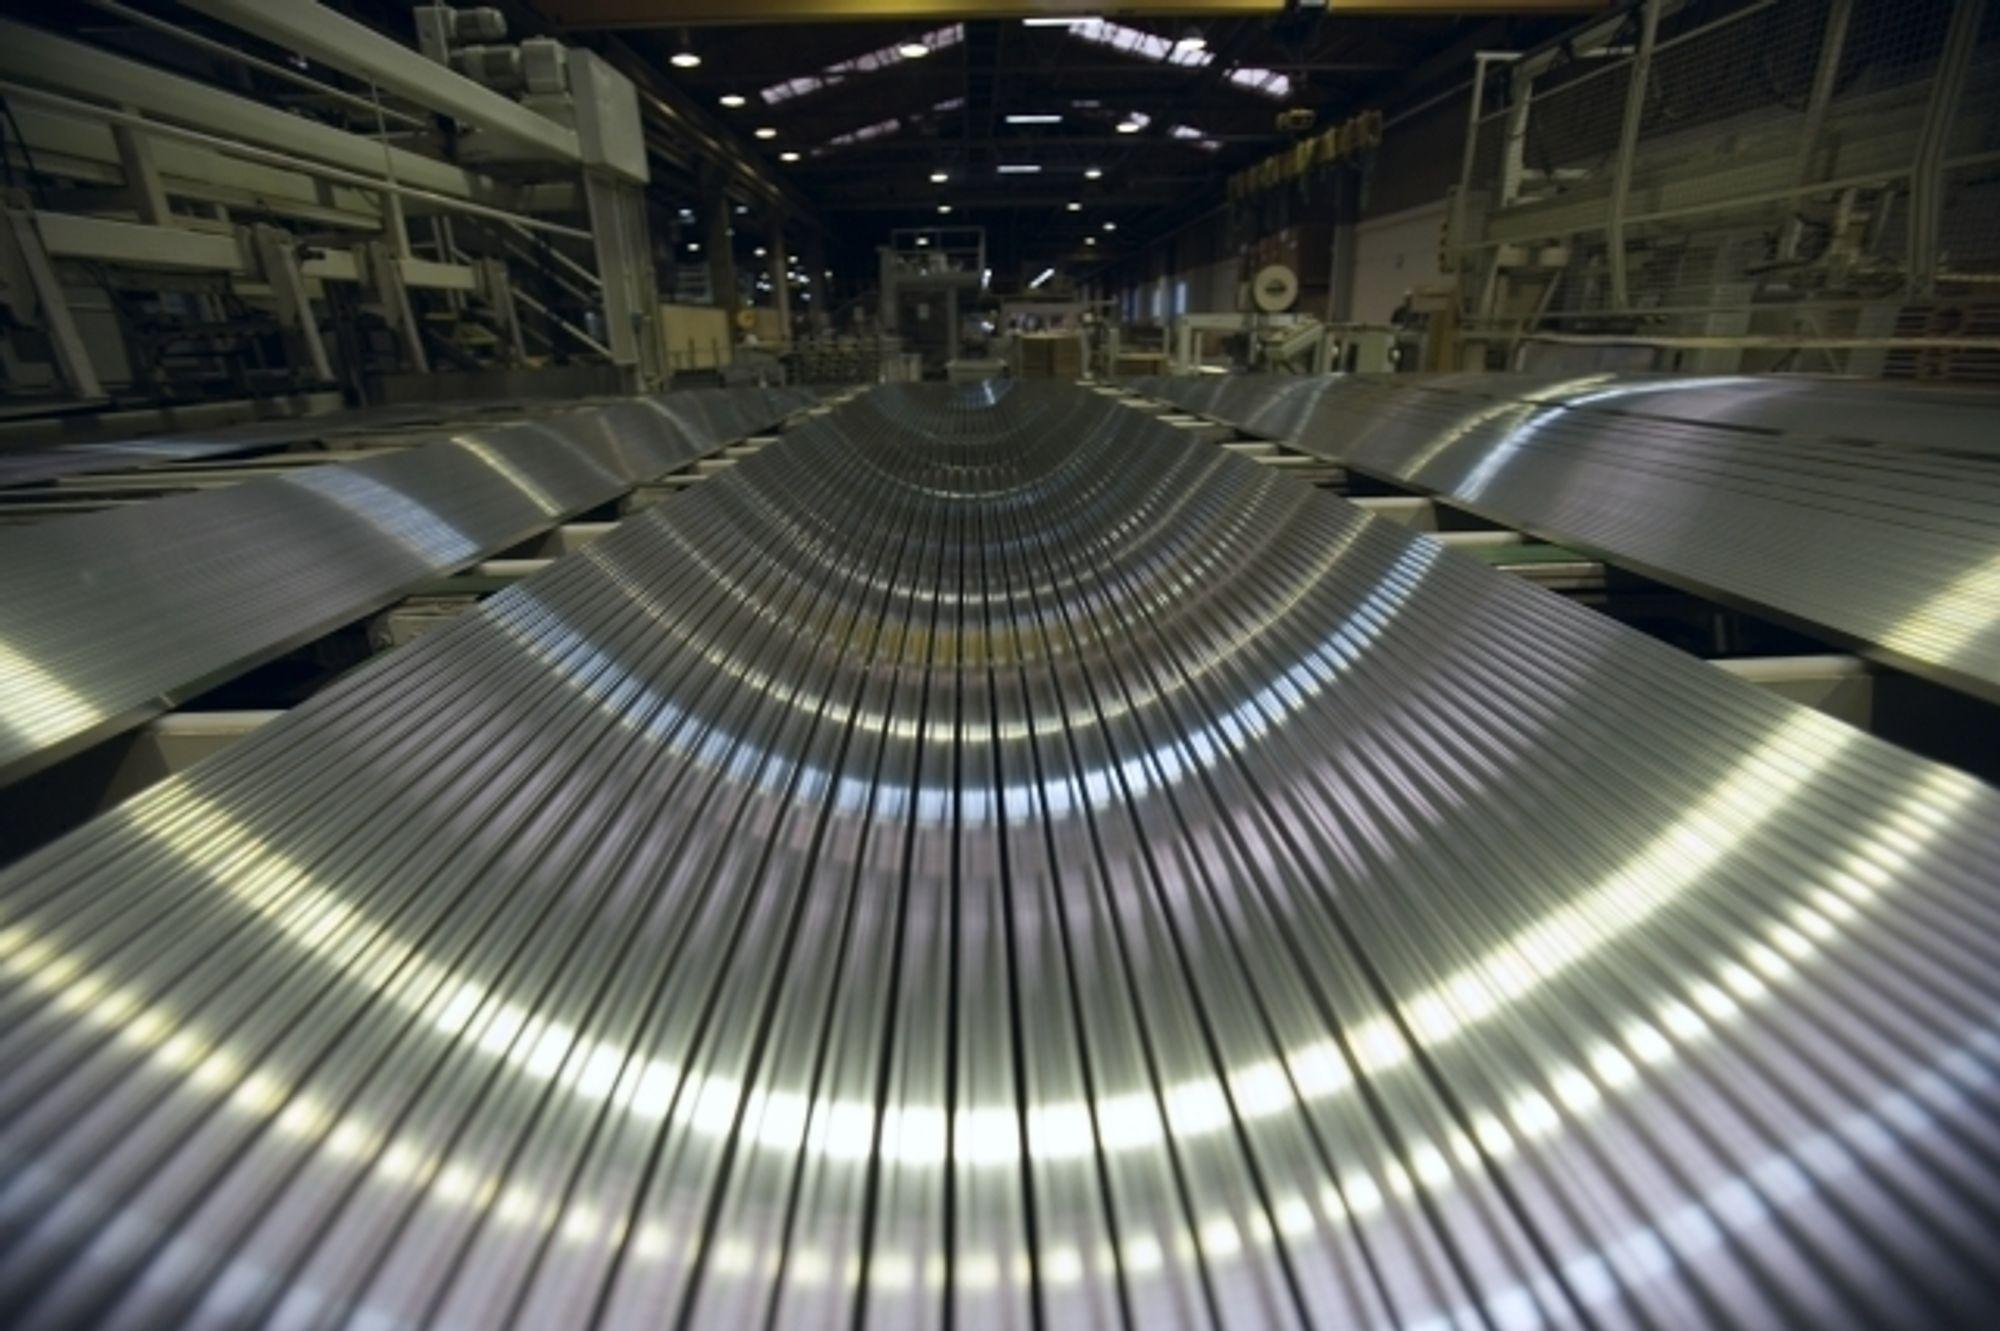 Hydro vurderer nå å kutte i aluminiumsproduksjonen som følge av det dramatiske fallet i etterspørsel.